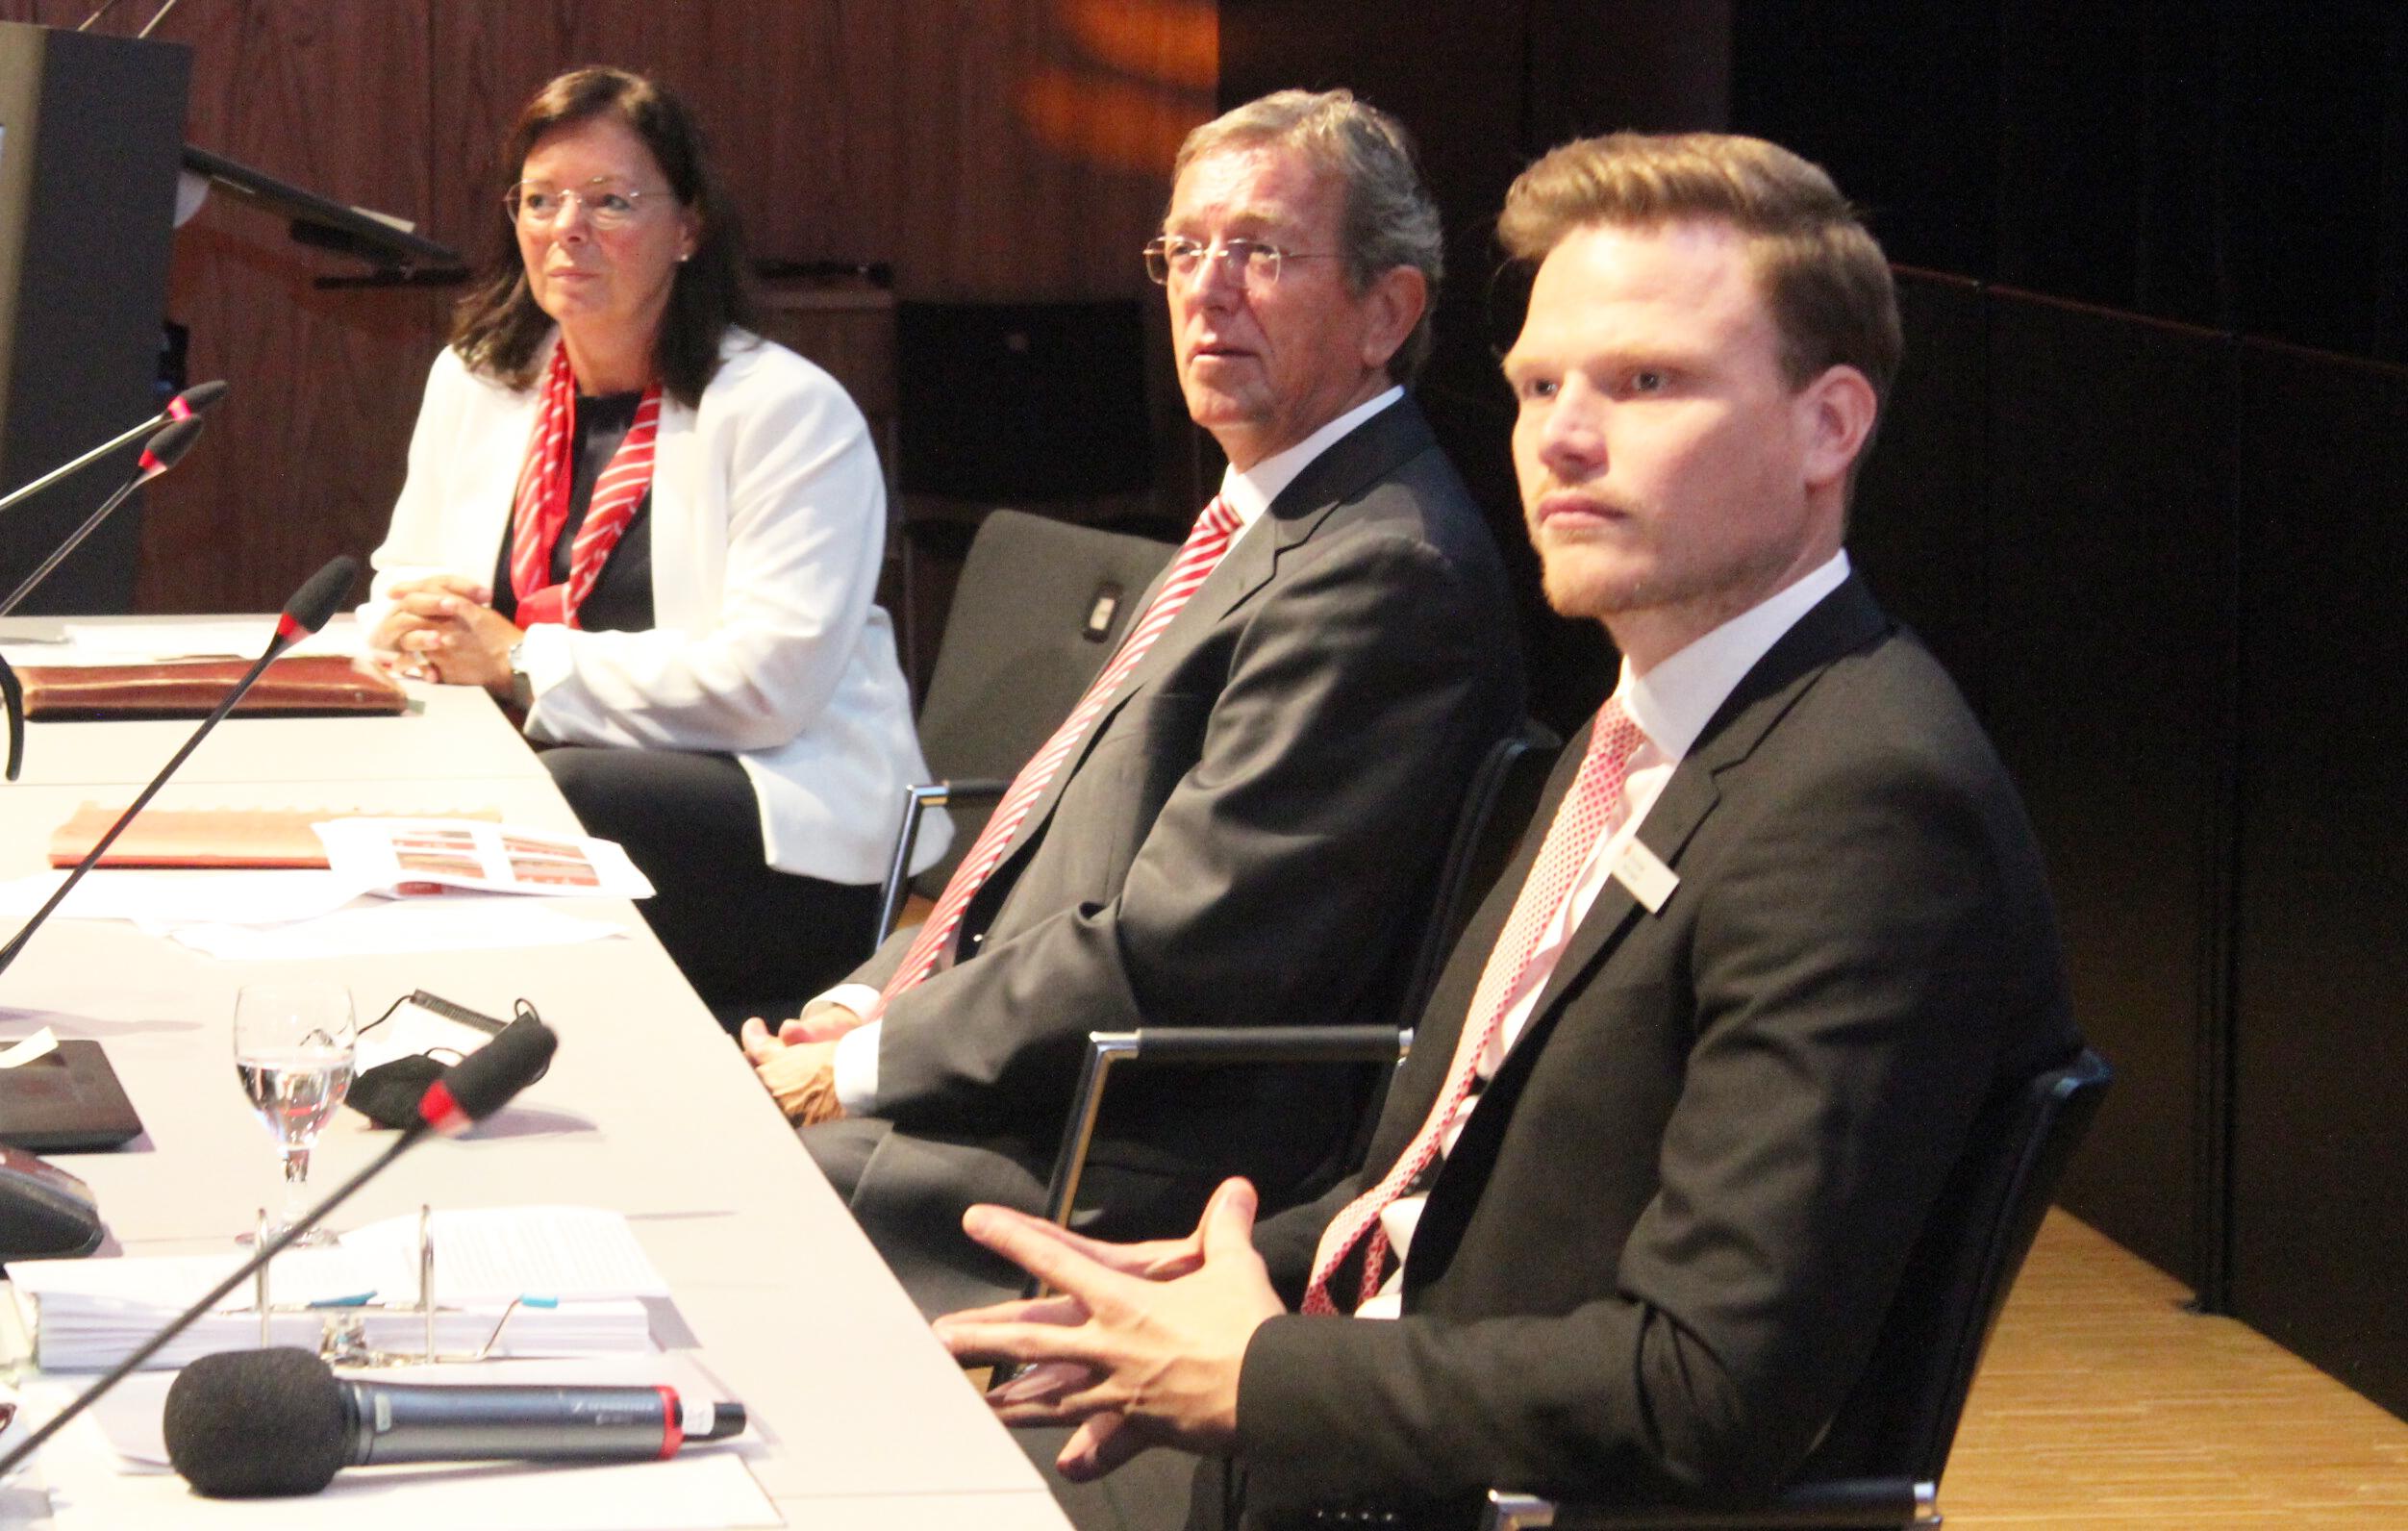 Die Leiterin Personalentwicklung Stephanie Enneper-Groten, Vorstandsvorsitzender Heinrich-Georg Krumme und Ausbildungsleiter Christian Wittland hören bei der Vorstellungsrunde der neuen Auszubildenden zu.